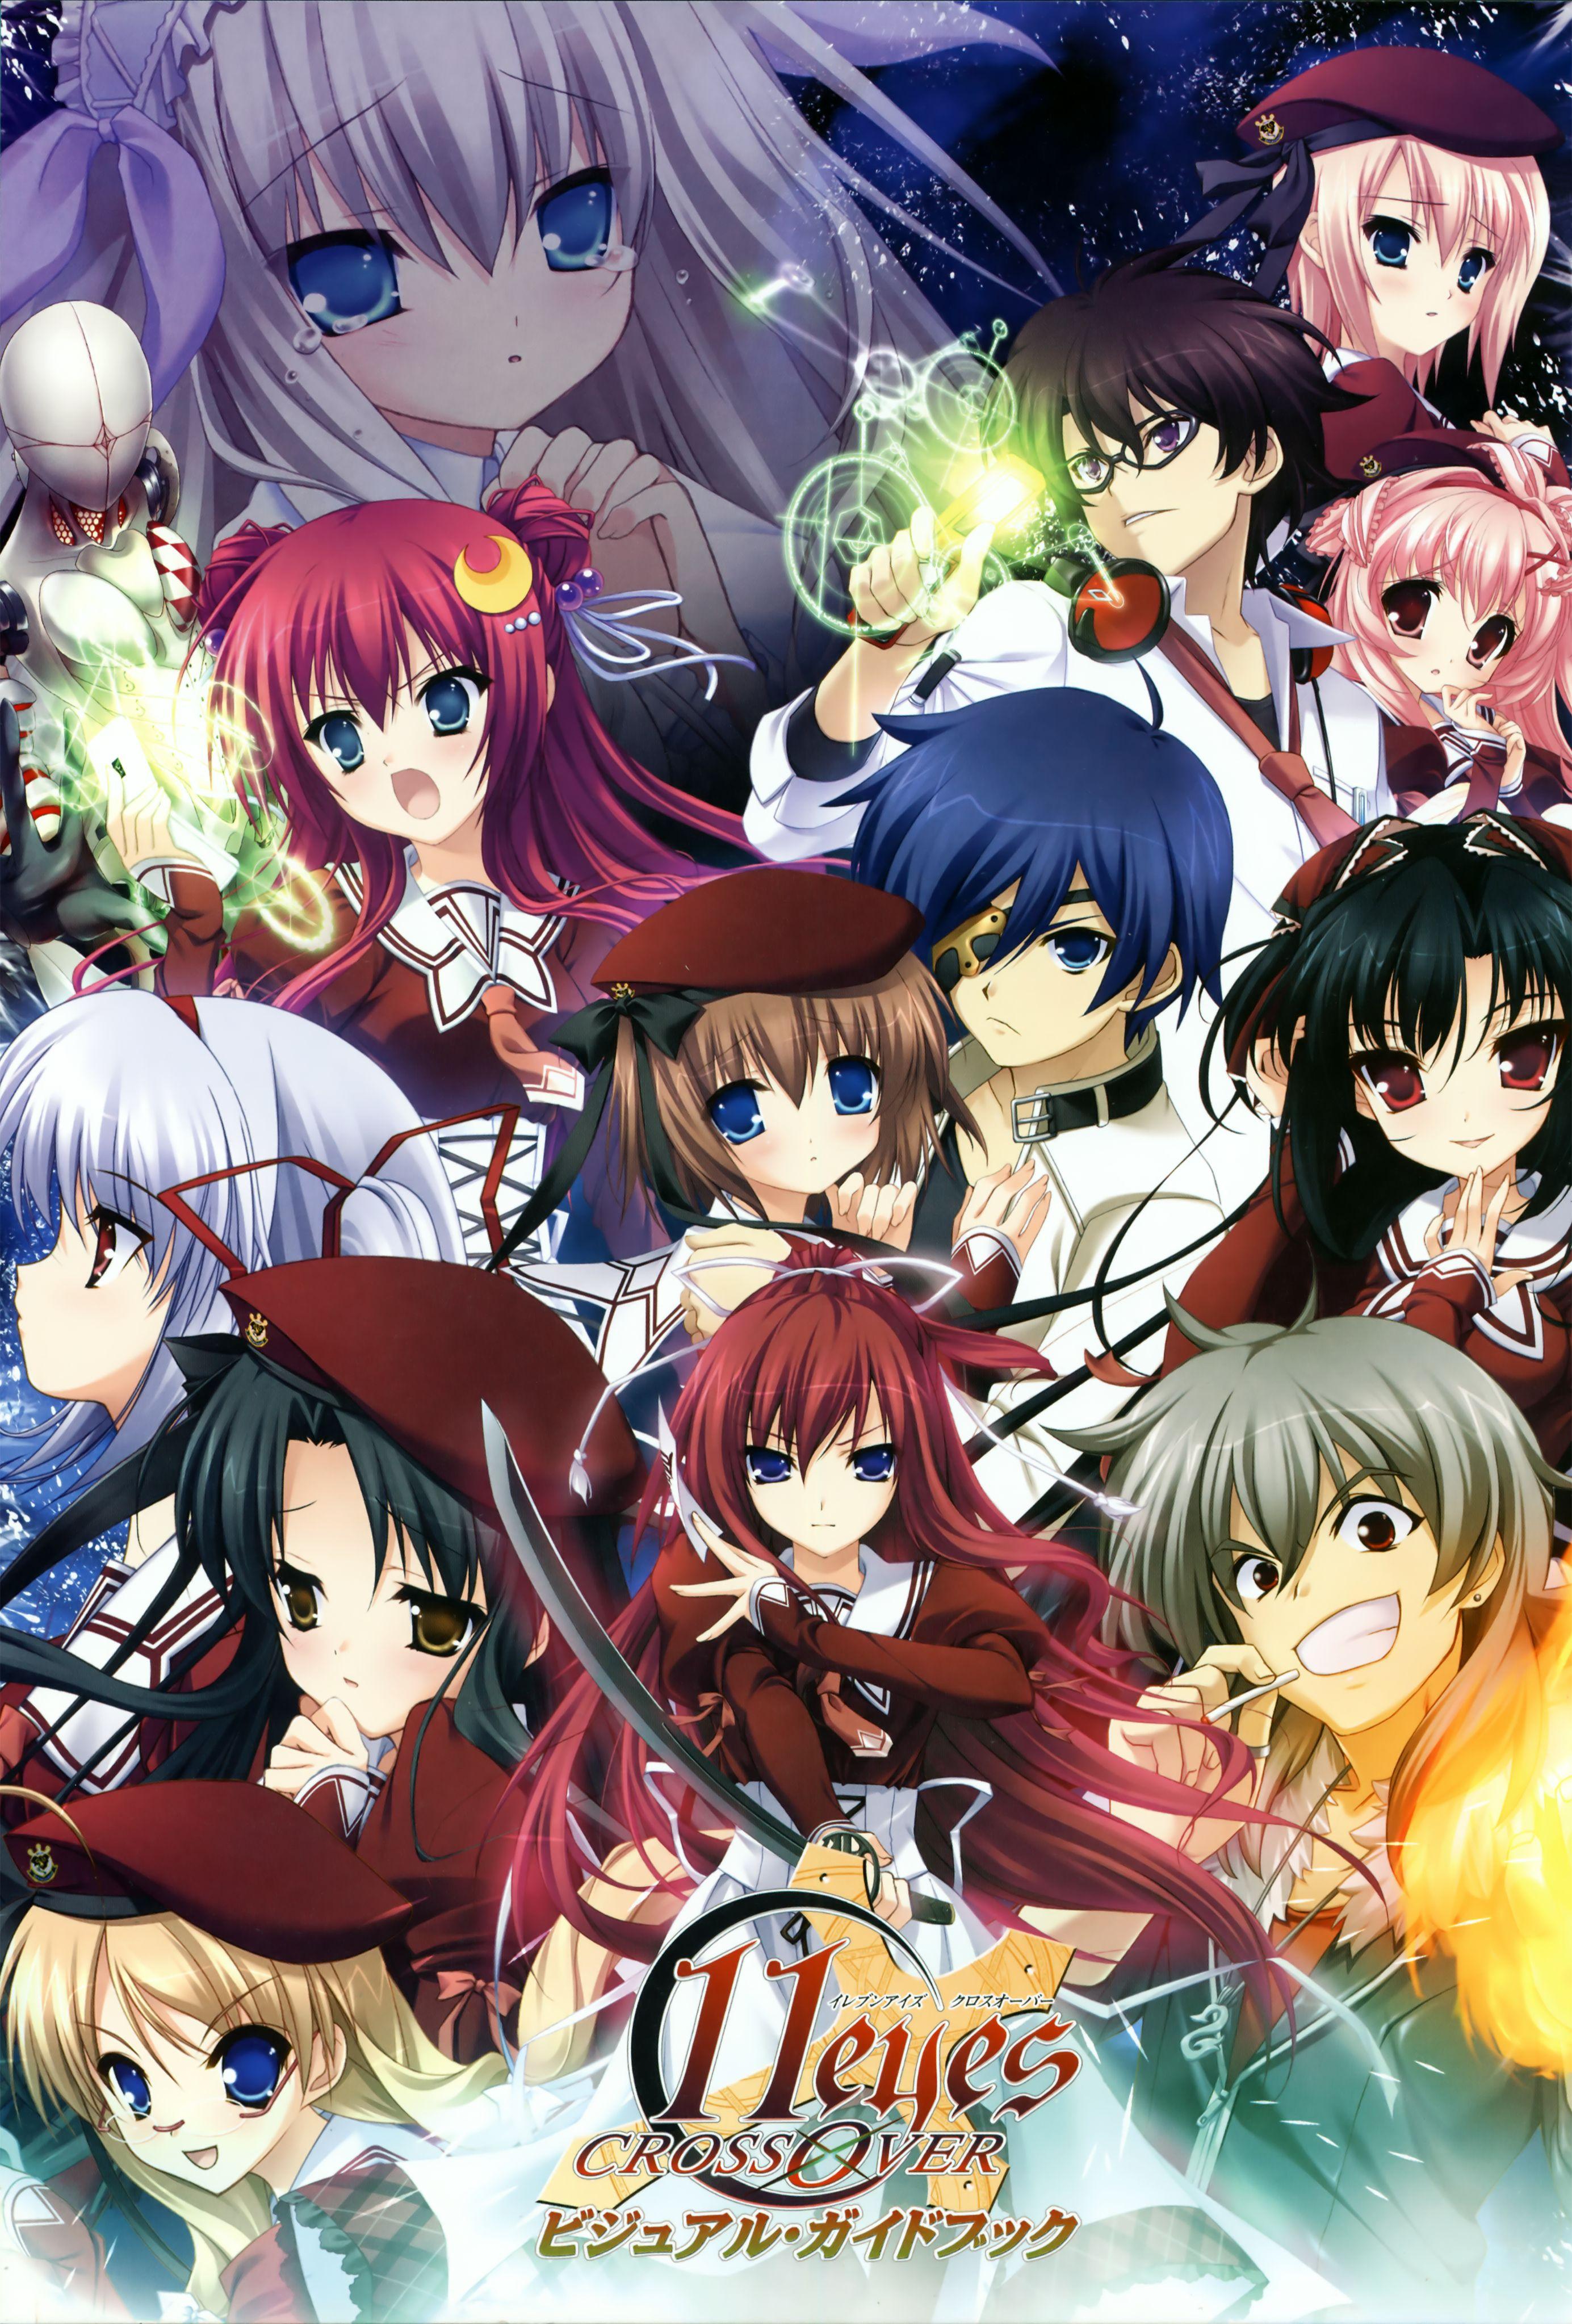 11eyes 75063 Fullsize Image 2769x4093 Anime Chibi Girl Drawings Anime Watch